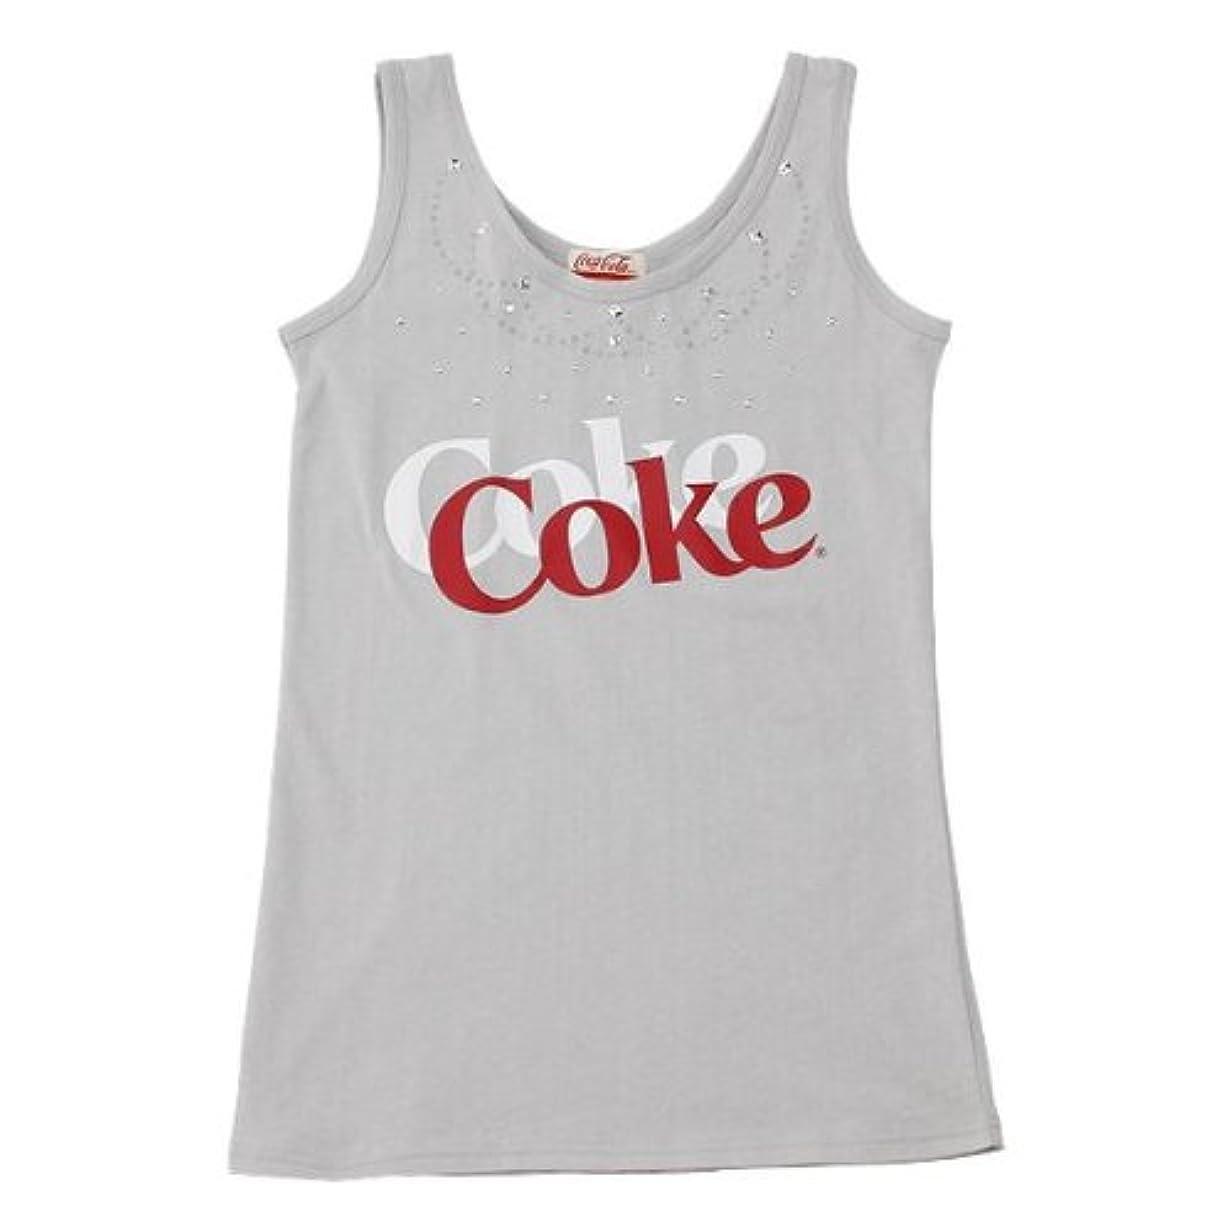 基礎理論難破船スラム街Coca-Cola(コカ?コーラ) レディーススタッズタンクトップ